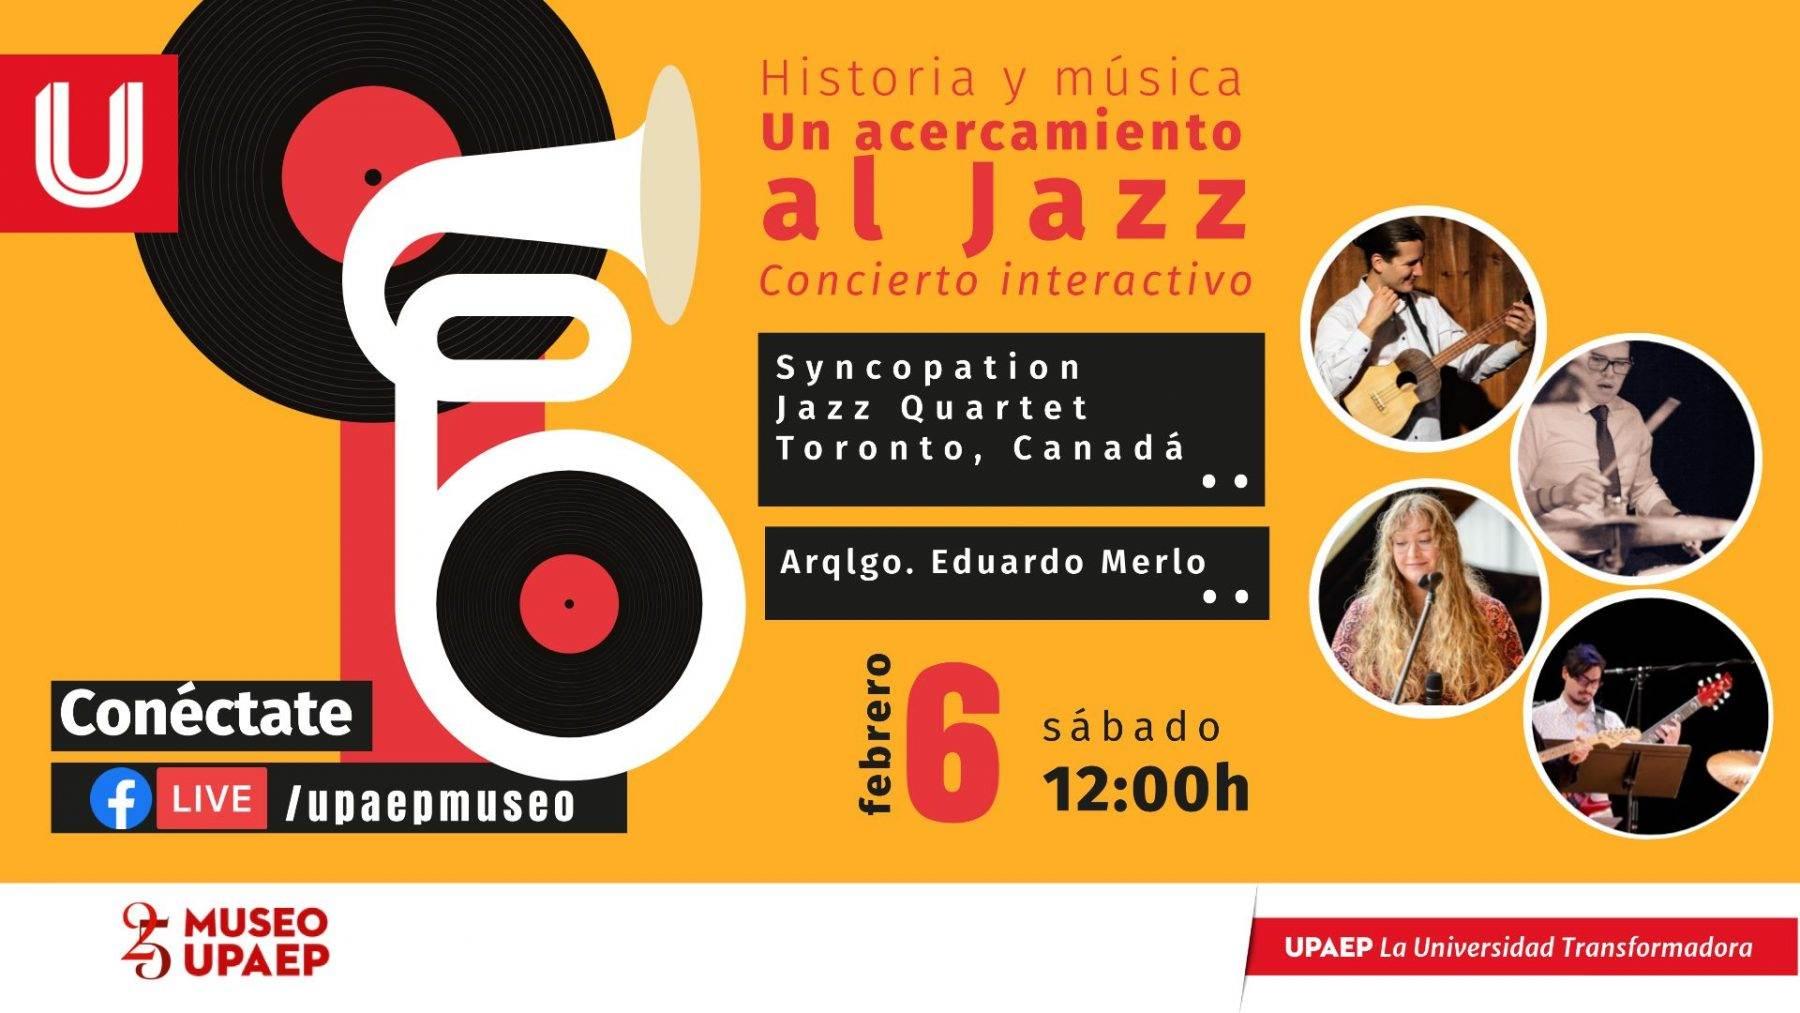 ¿Qué hacer el fin de semana? Te proponemos varios conciertos de jazz, un recorrido virtual por el Castillo de Chapultepec y más.